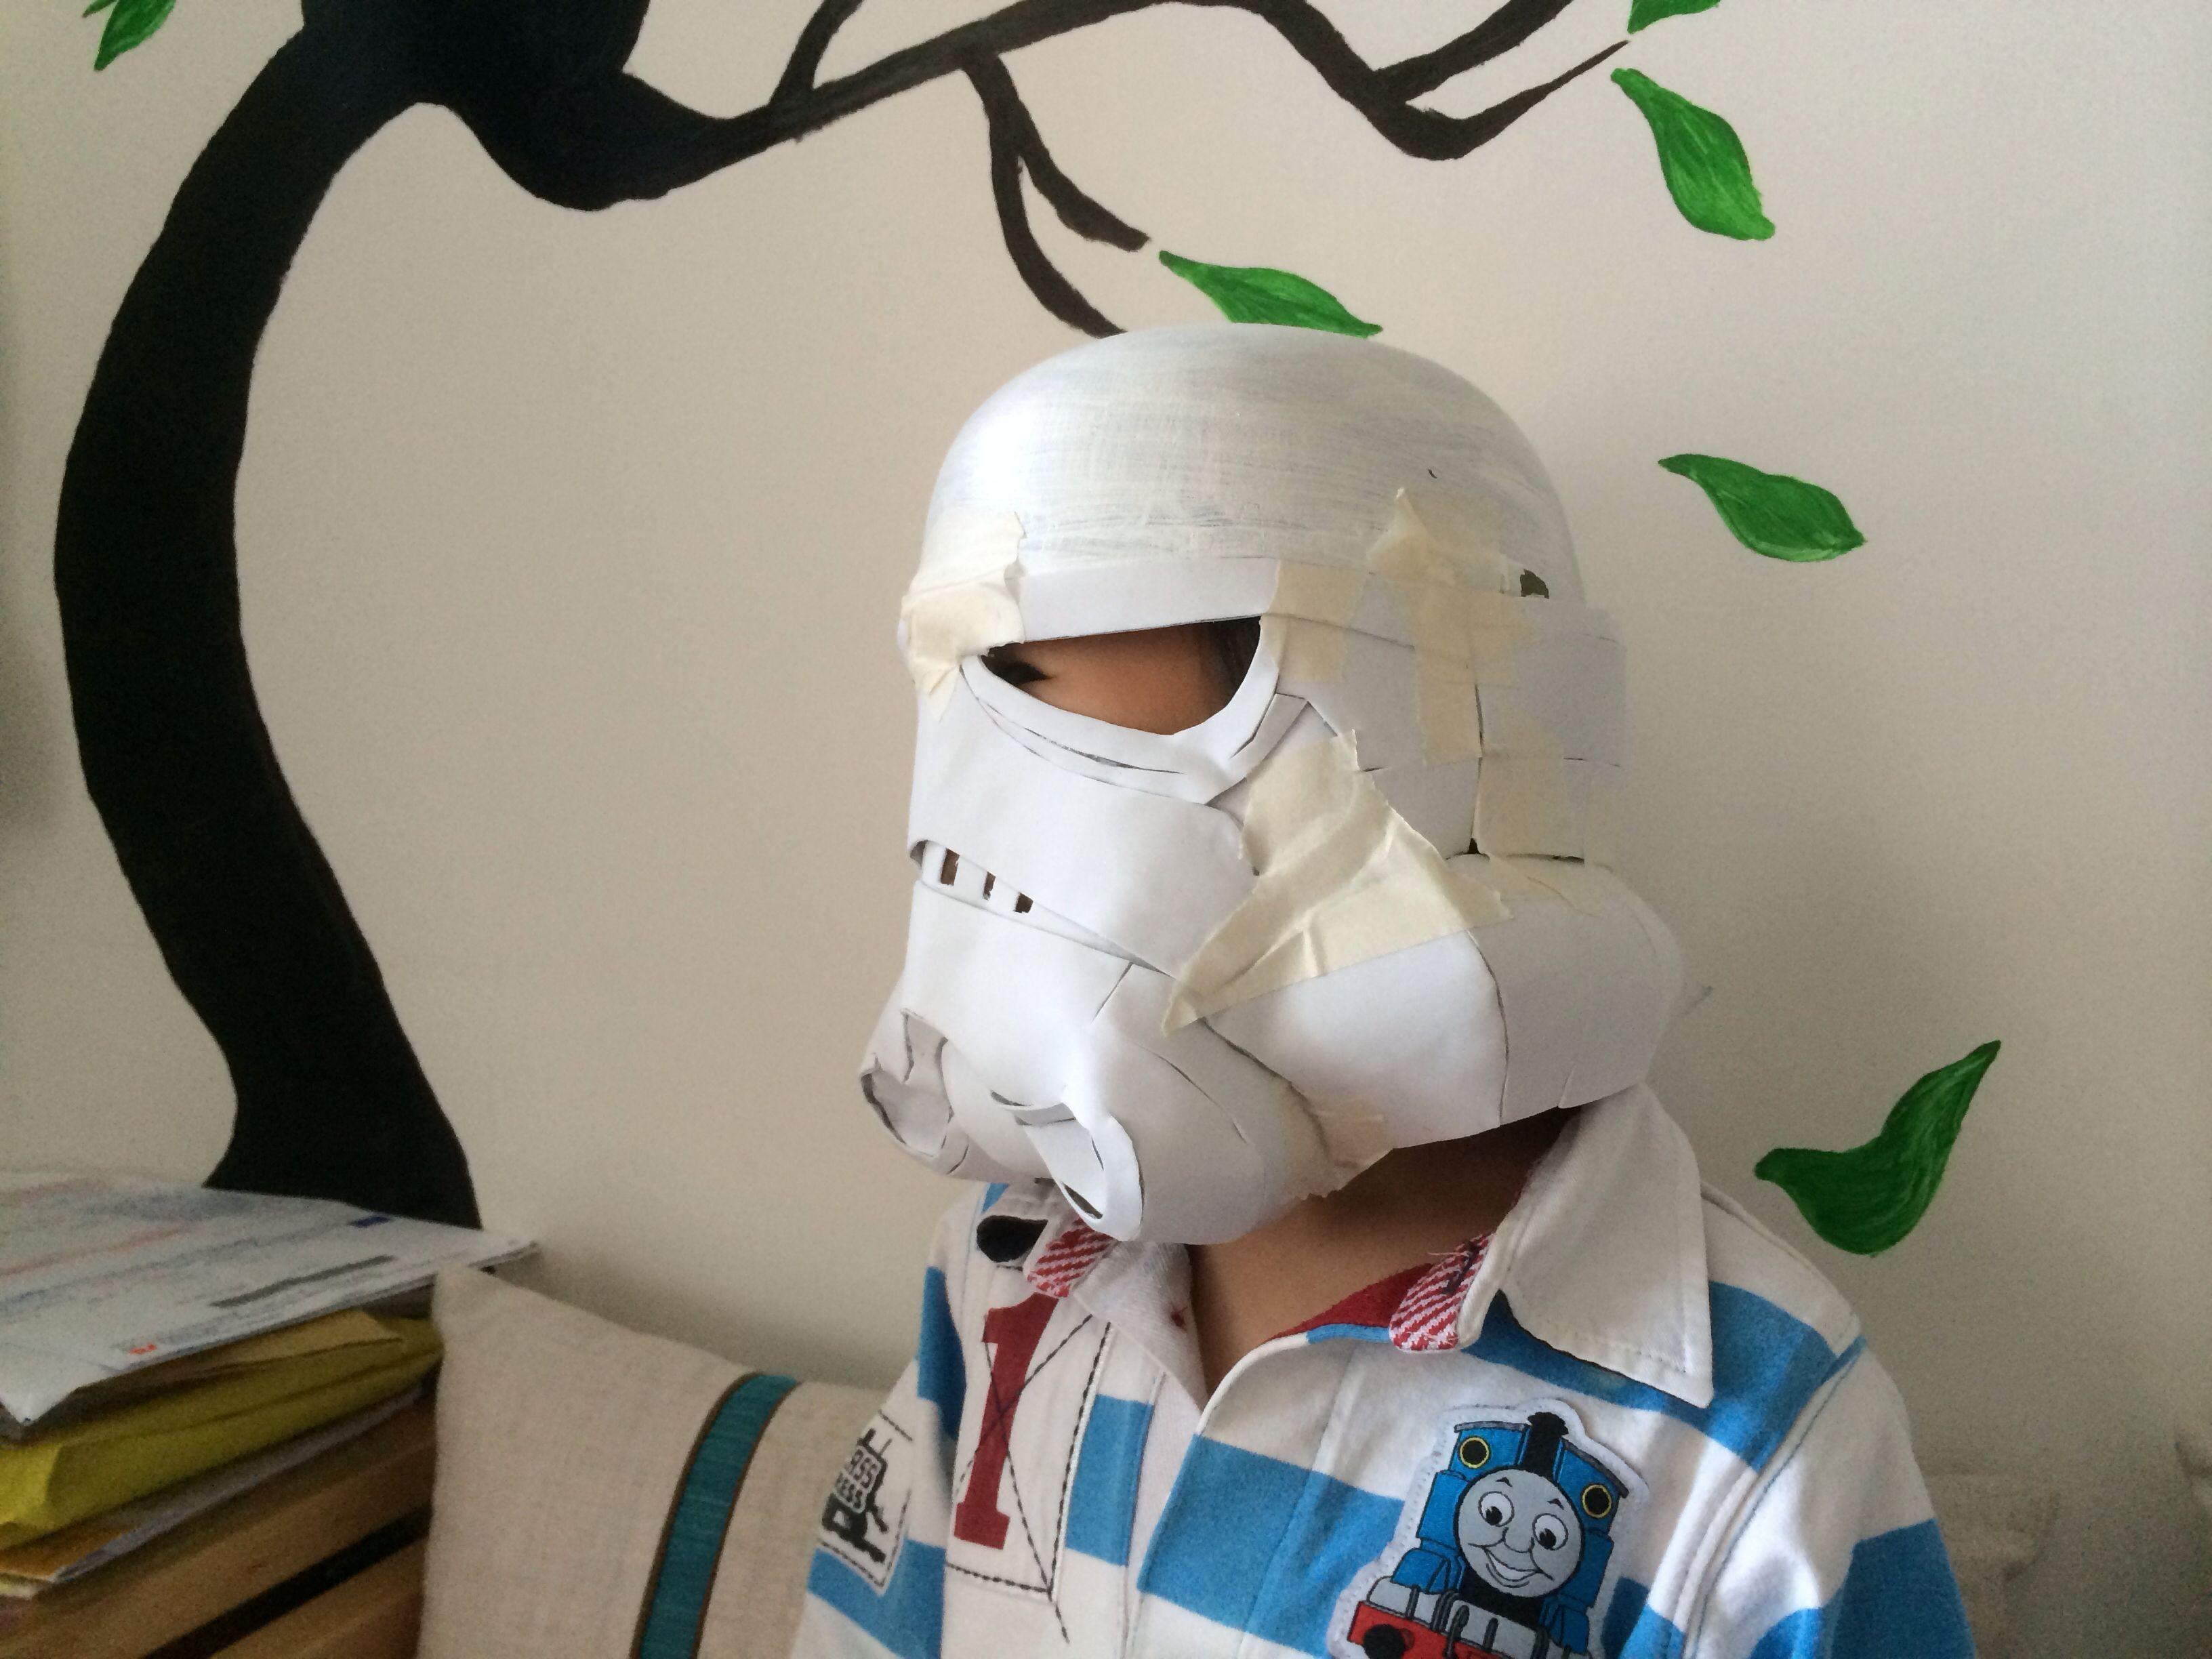 Stormtrooper Helmet Papercraft Stormtrooper Helmet Wip Diy Stormtrooper Sandtrooper